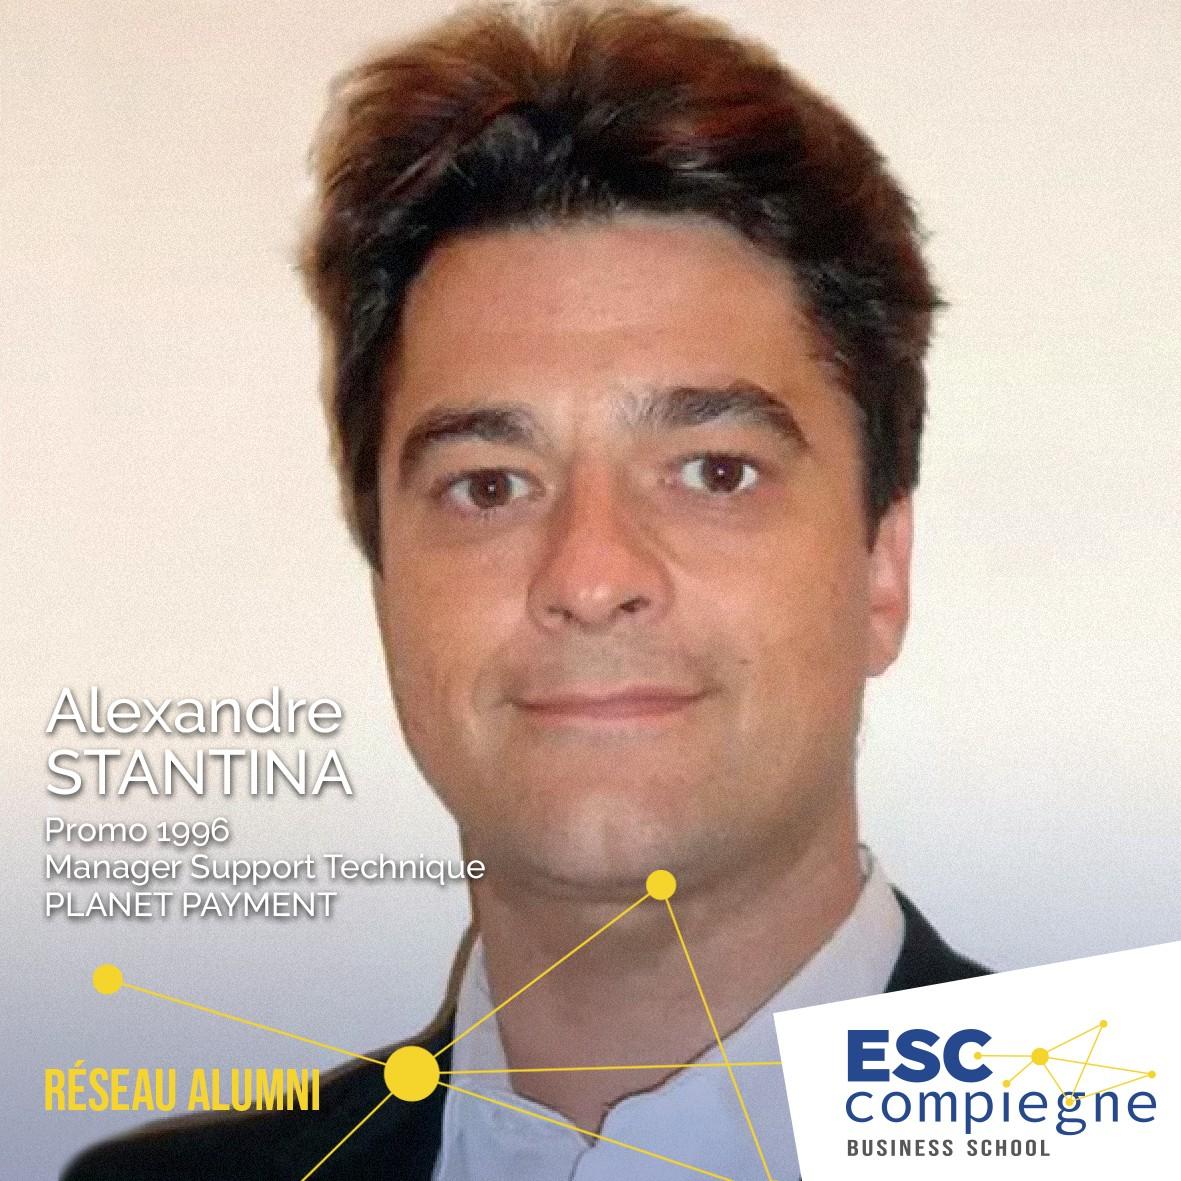 ESCC-Alexandre-Stantina